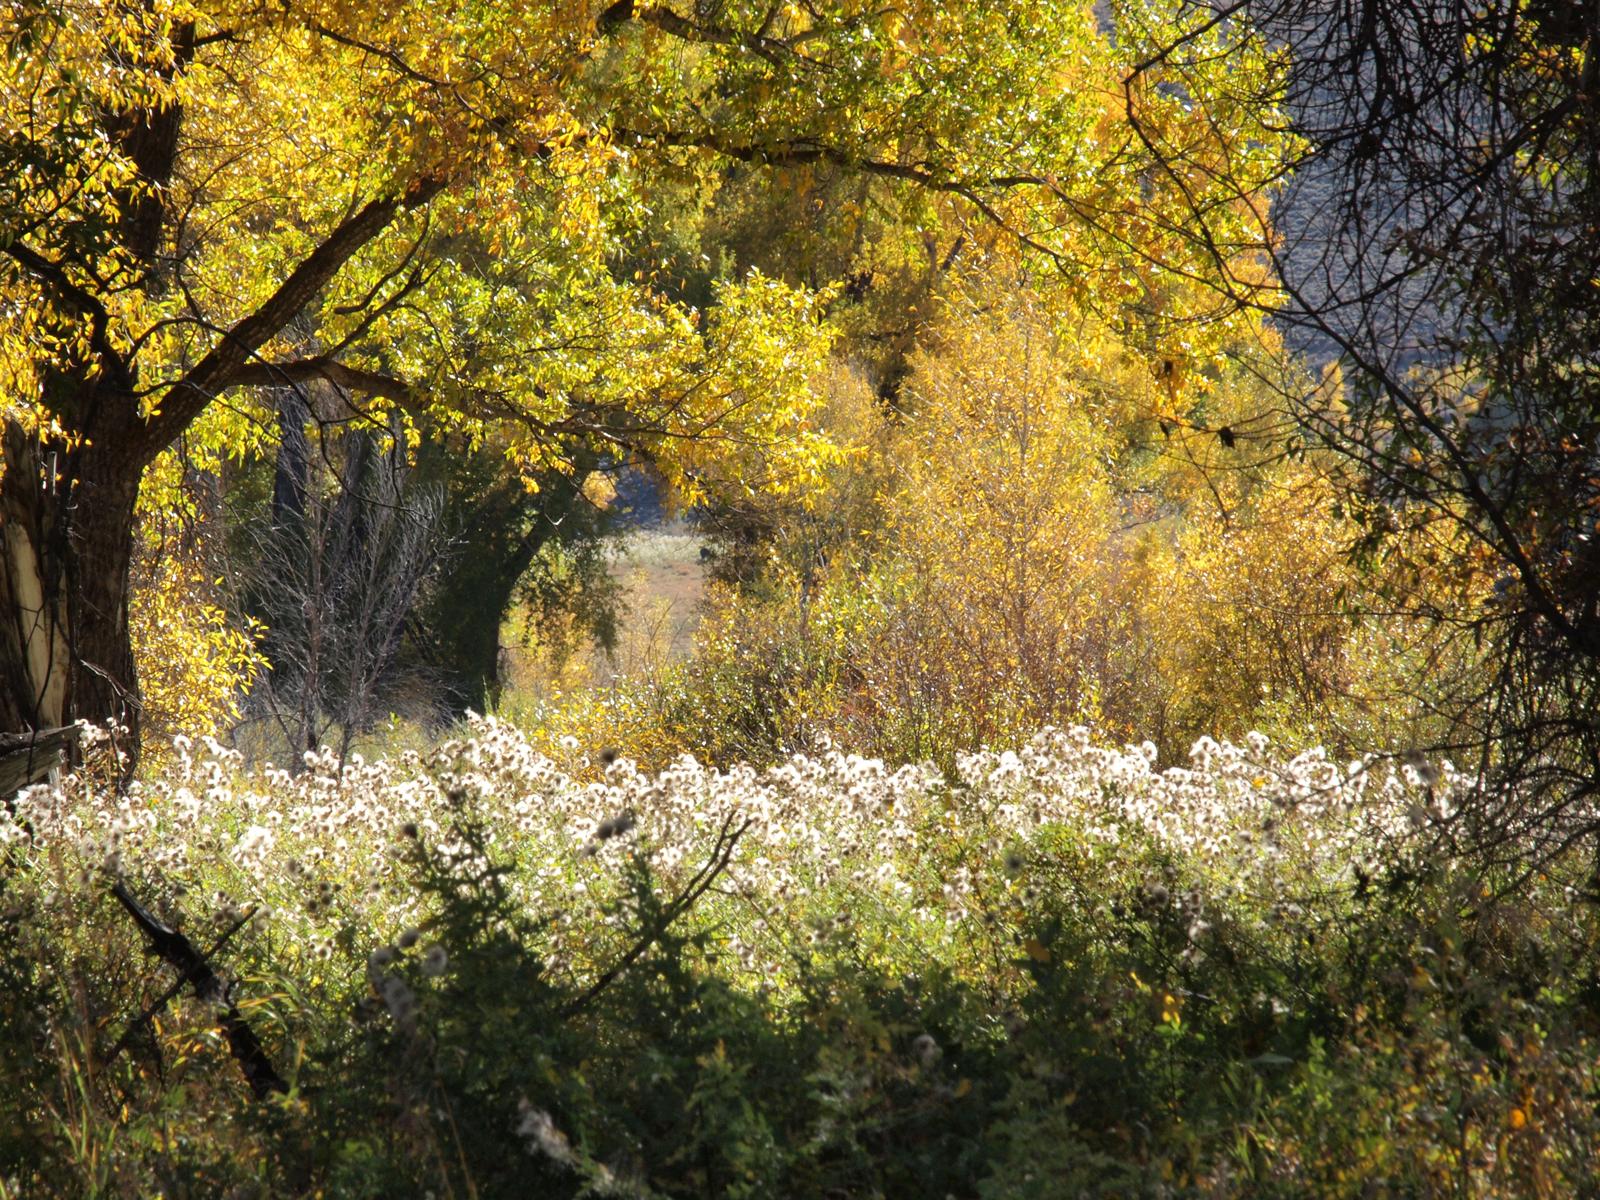 壁纸 风景 森林 桌面 1600_1200